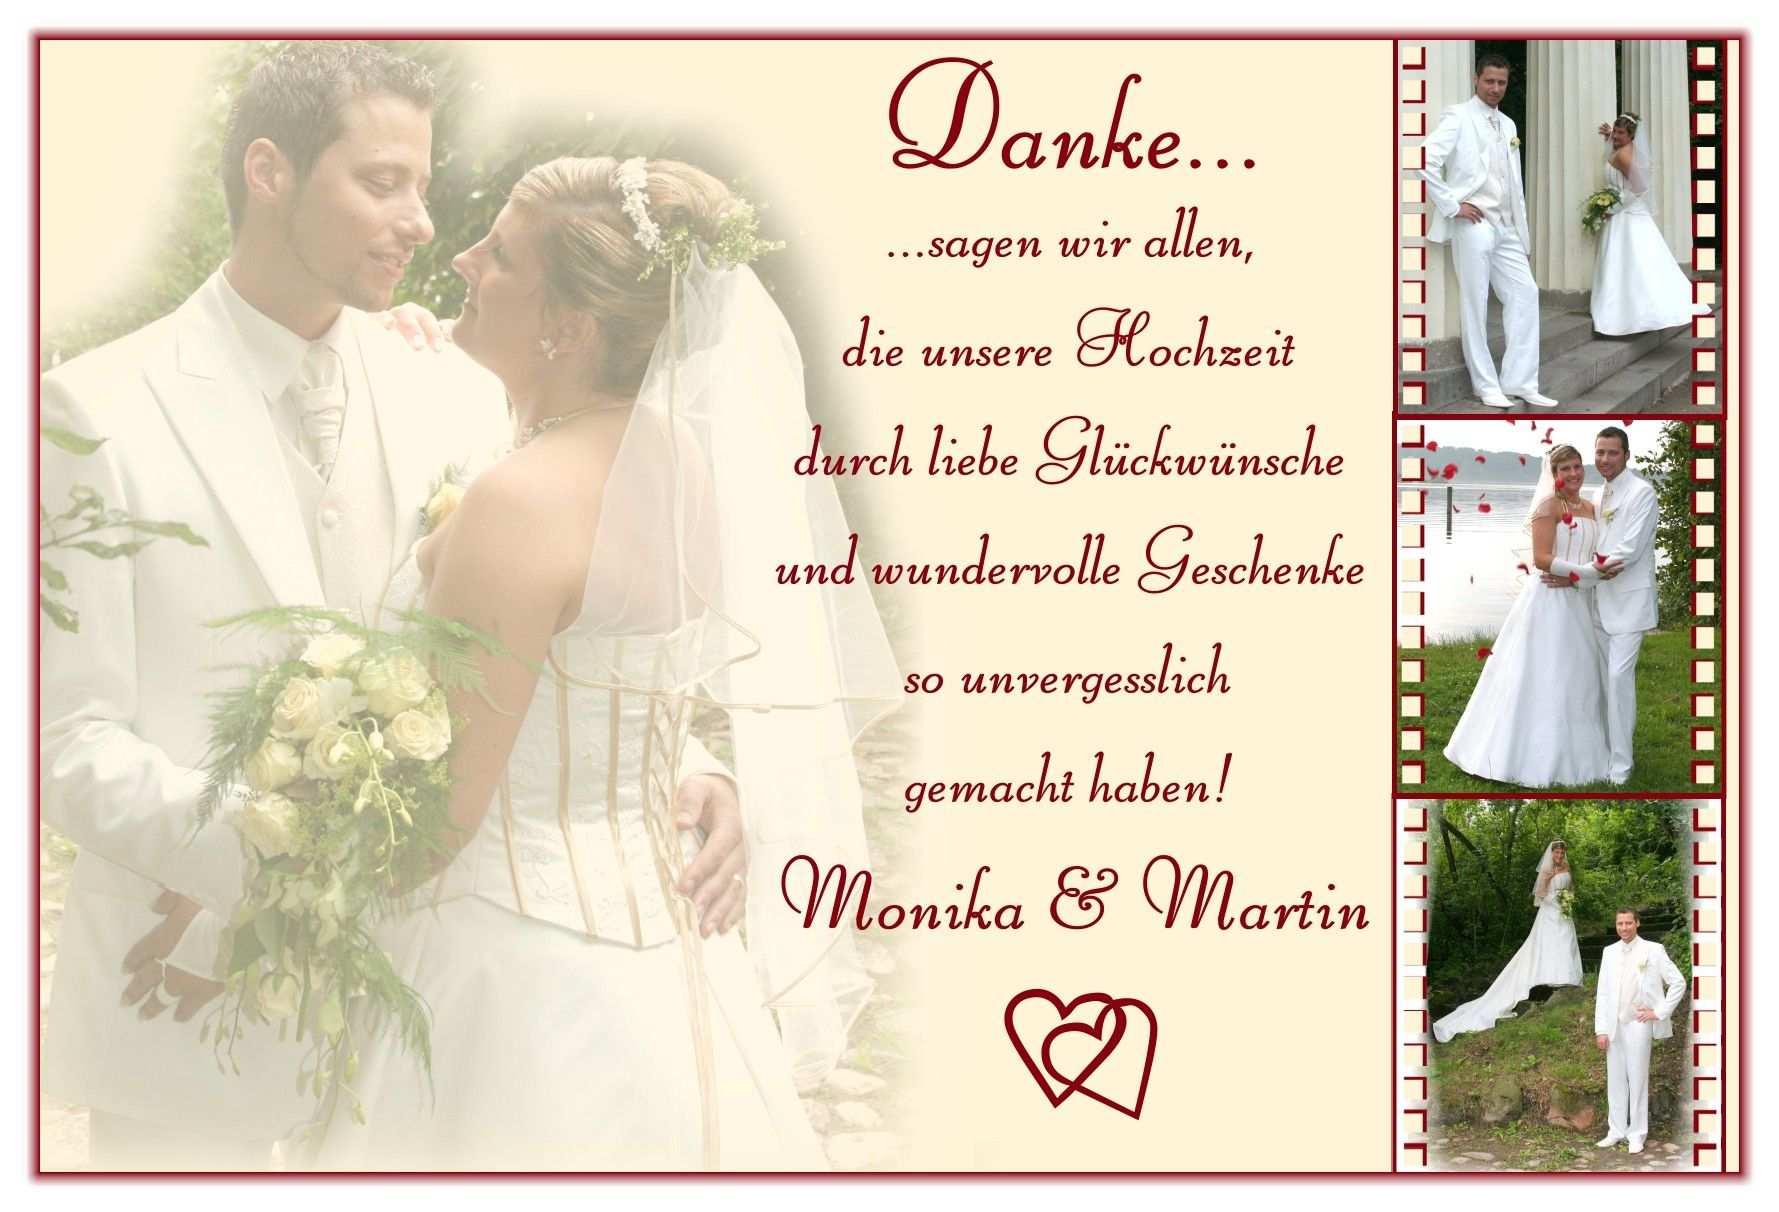 Danksagung Hochzeit Text Dankeskarte Hochzeit Danksagung Hochzeit Hochzeit